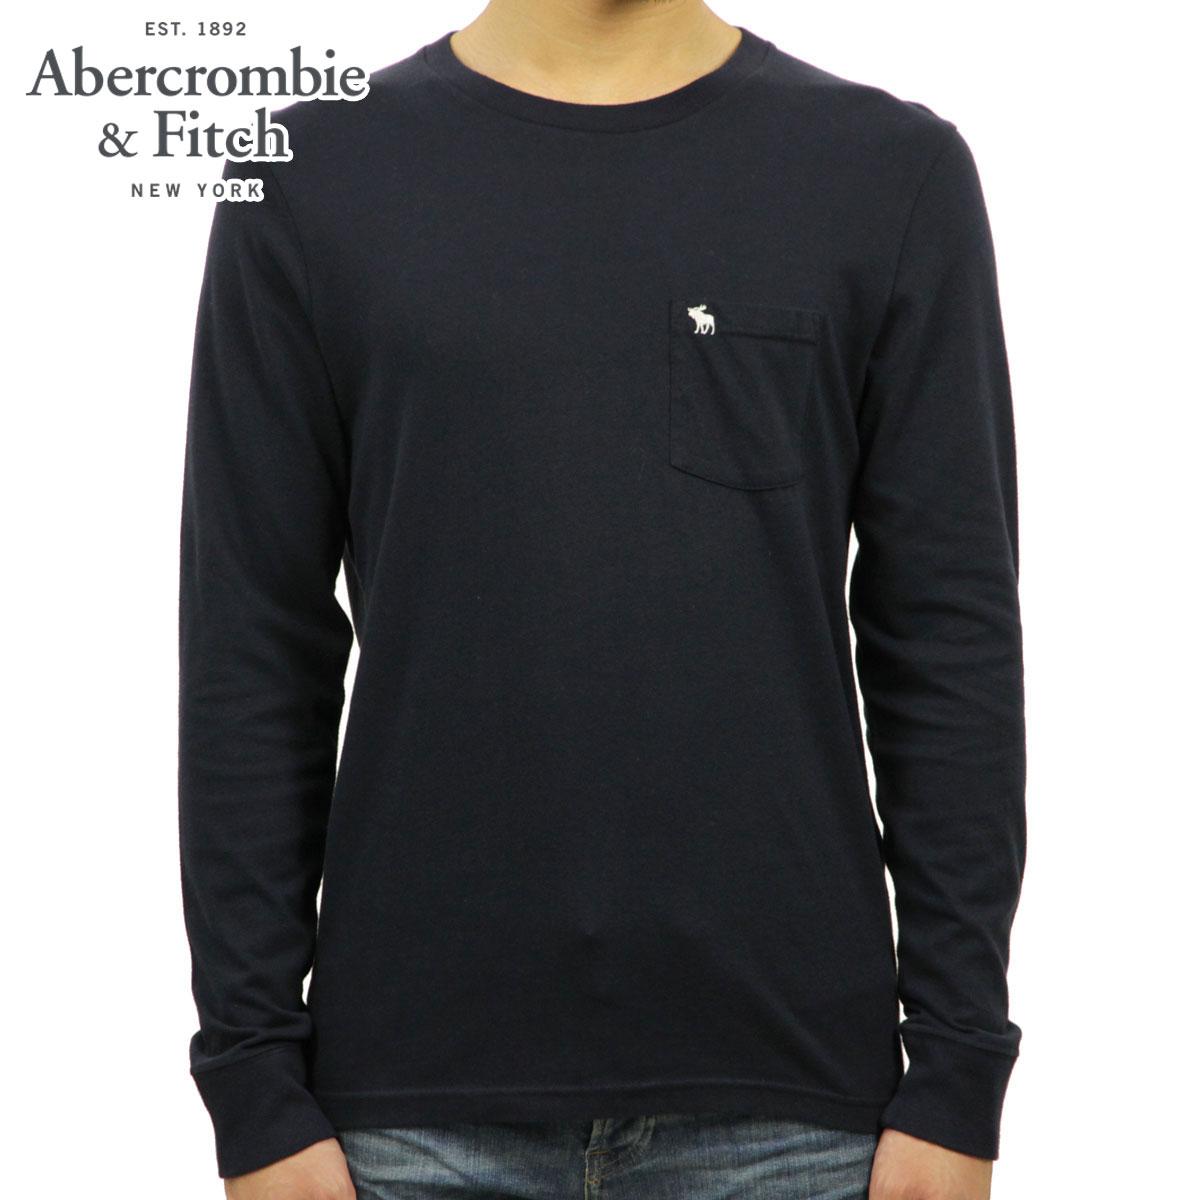 アバクロ Abercrombie&Fitch 正規品 メンズ クルーネック 長袖Tシャツ LONG-SLEEVE ICON POCKET TEE 124-236-1847-200